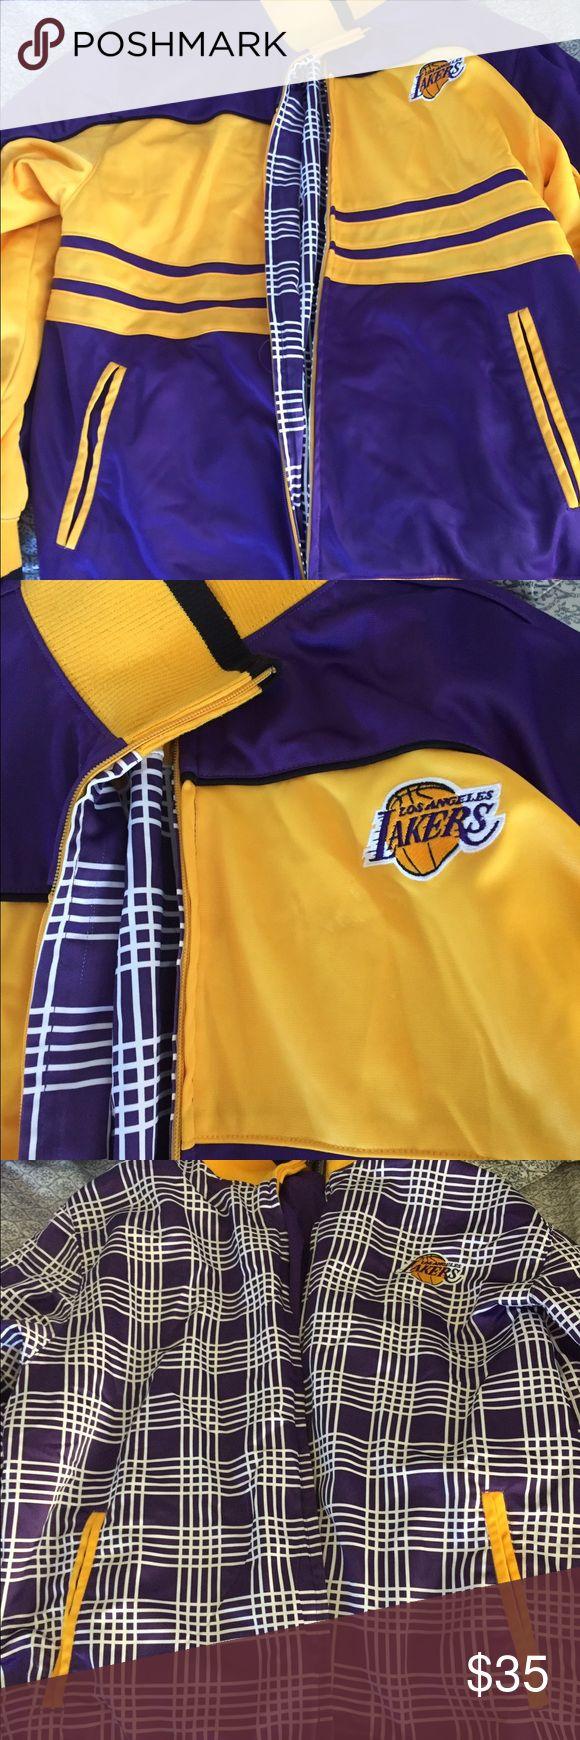 Irreversible lakers jacket size XL Irreversible lakers jacket never worn 10/10 Nike Jackets & Coats Bomber & Varsity